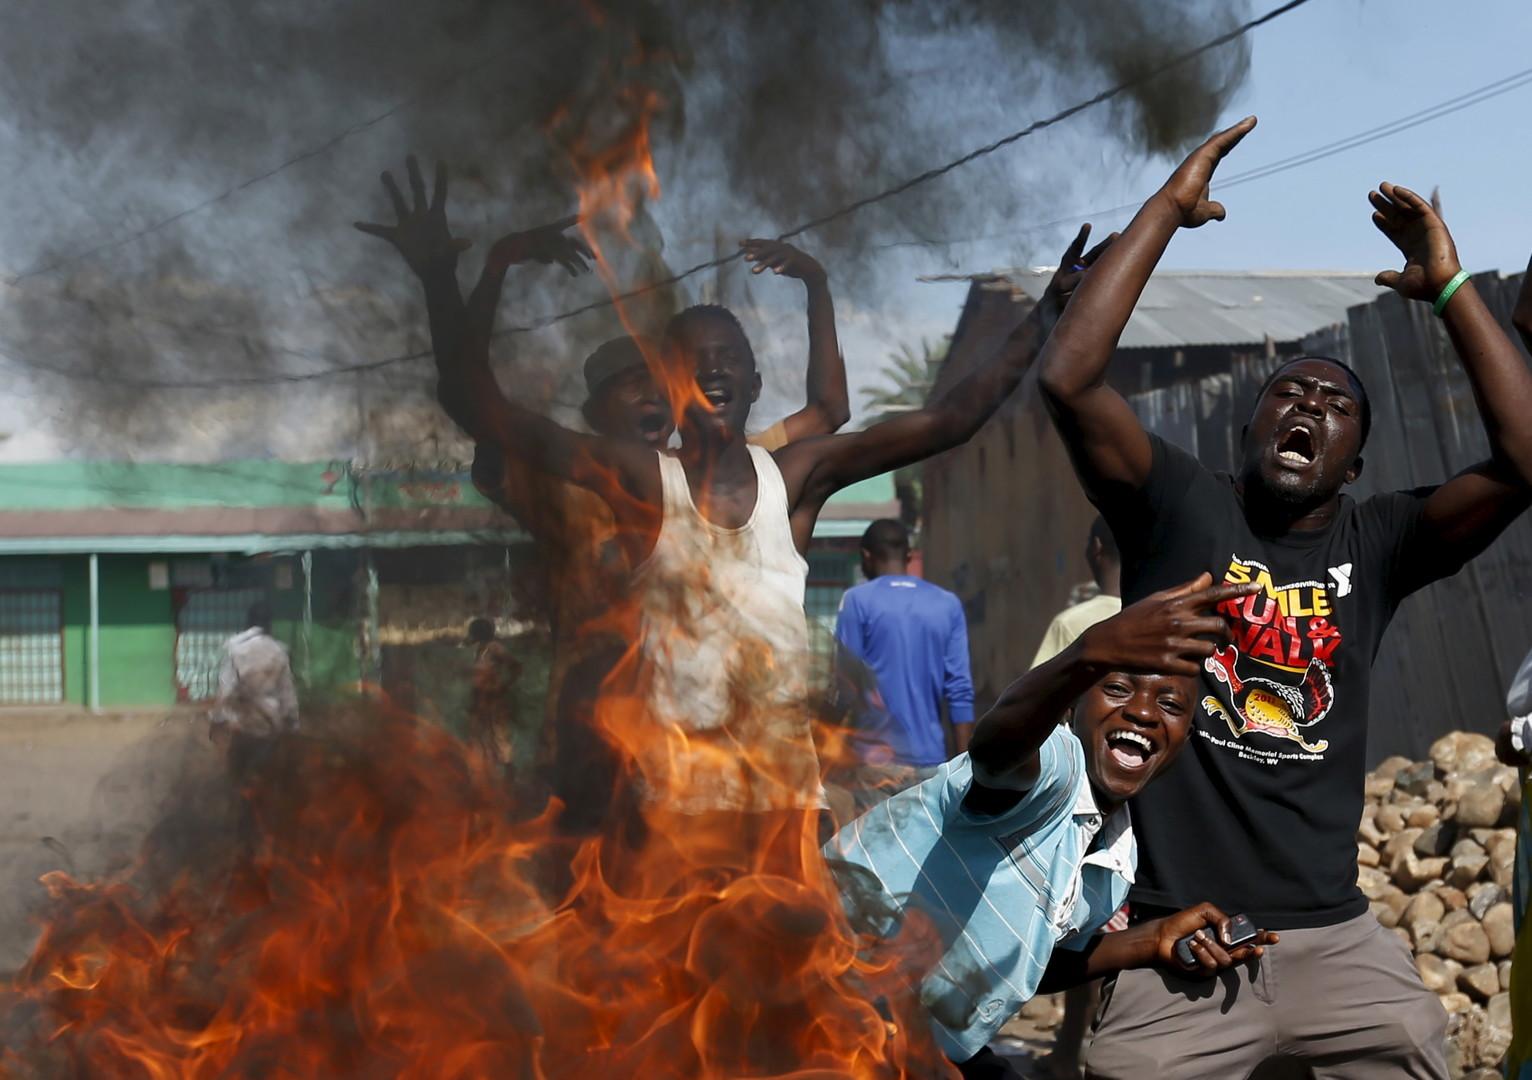 Des protestataires scandent des slogans devant une barricade à Bujumbura